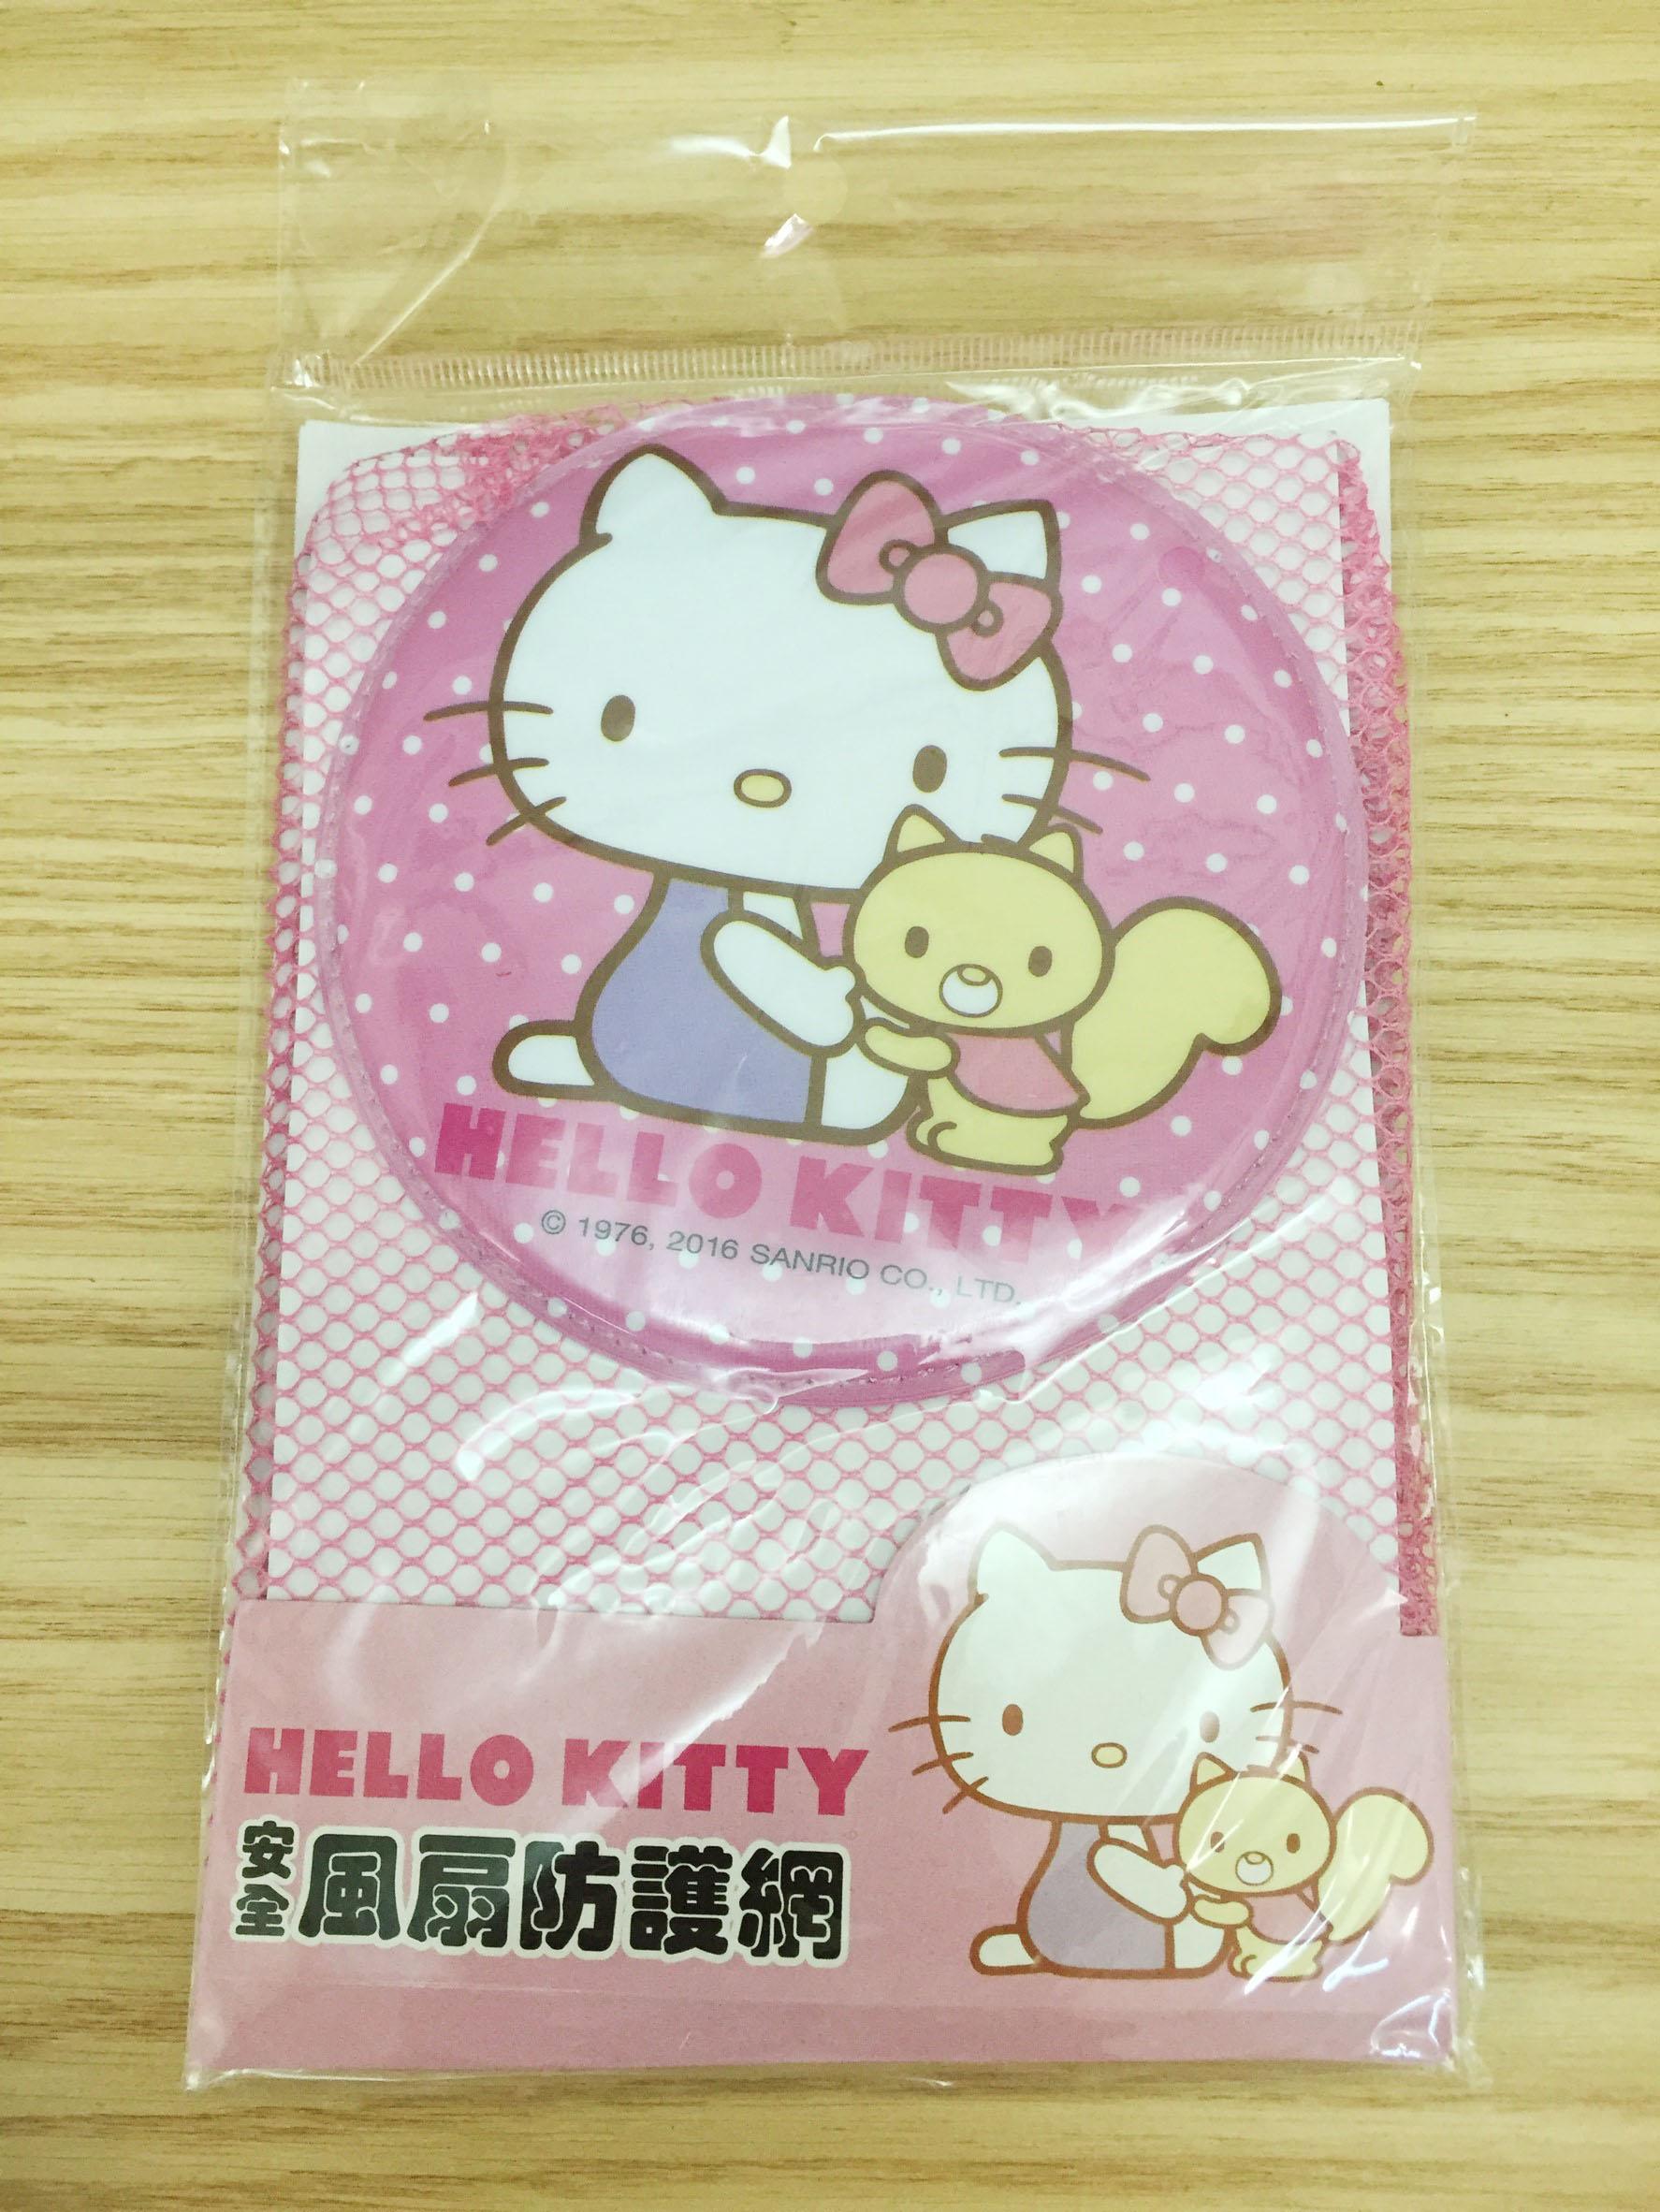 【真愛日本】16072700004風扇防護套-KT松鼠粉紅    三麗鷗 Hello Kitty 凱蒂貓   風扇套  日用品